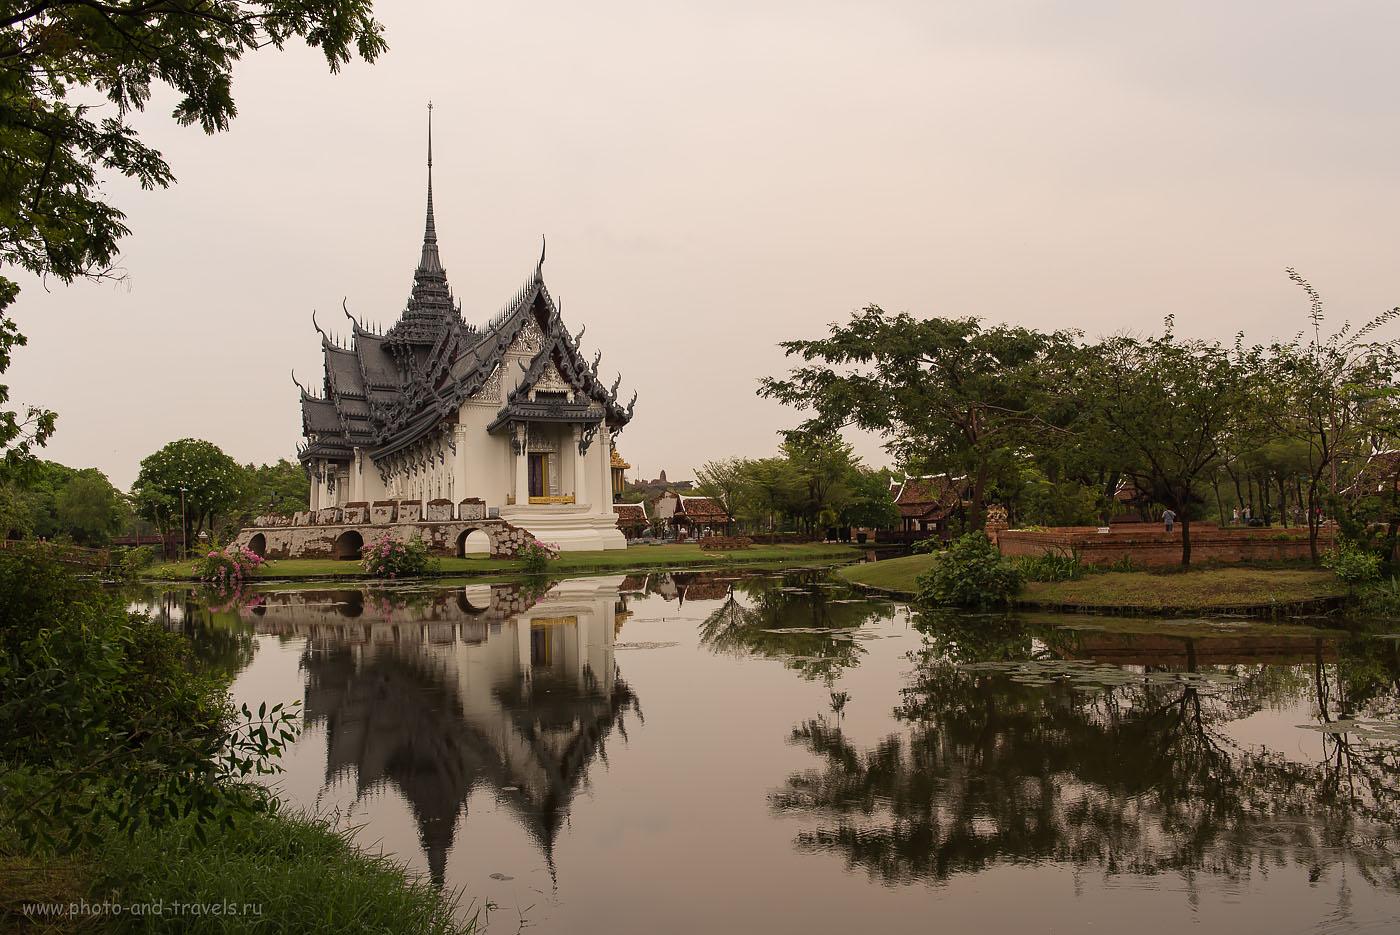 Фото 19. В парке Муанг Боран (Mueang Boran, Ancient City) мы тоже брали напрокат велосипеды и катались целый день. Отдых в Таиланде самостоятельно